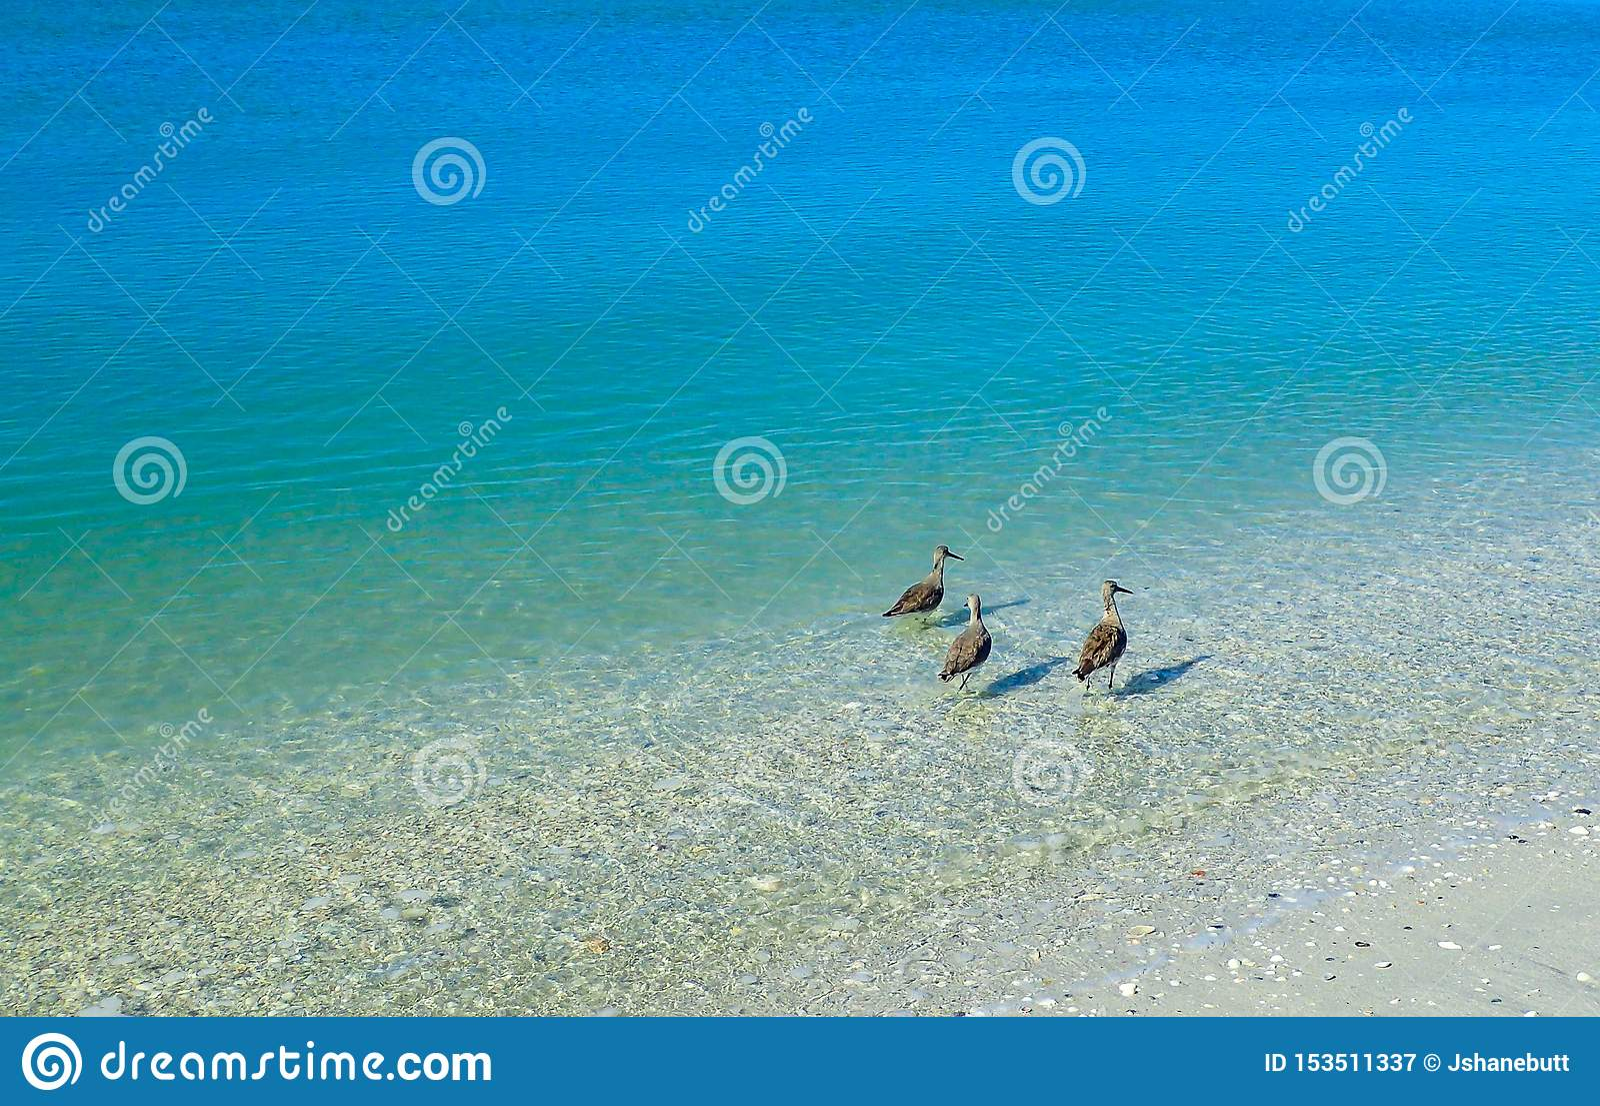 Sternen die zich in de duidelijke blauwe oceaan bevinden die voedsel zoeken